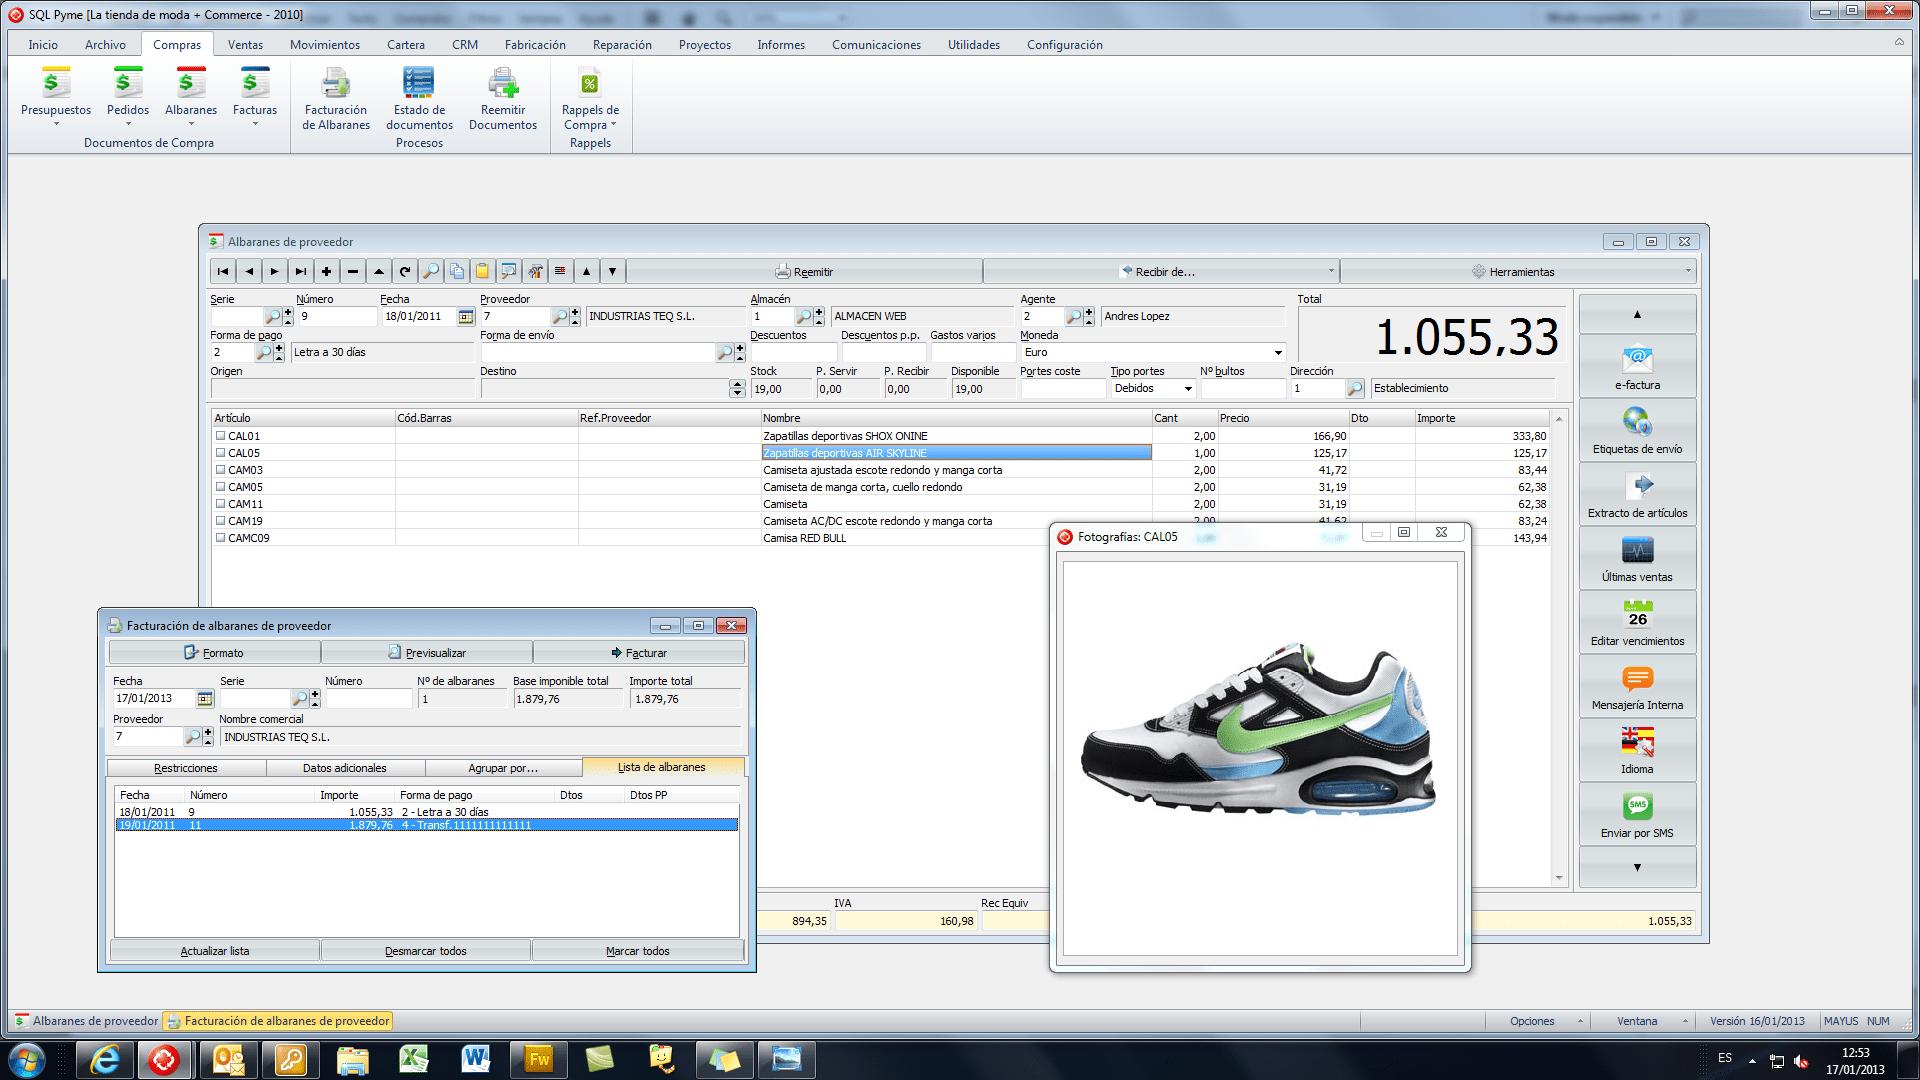 SQL Pyme